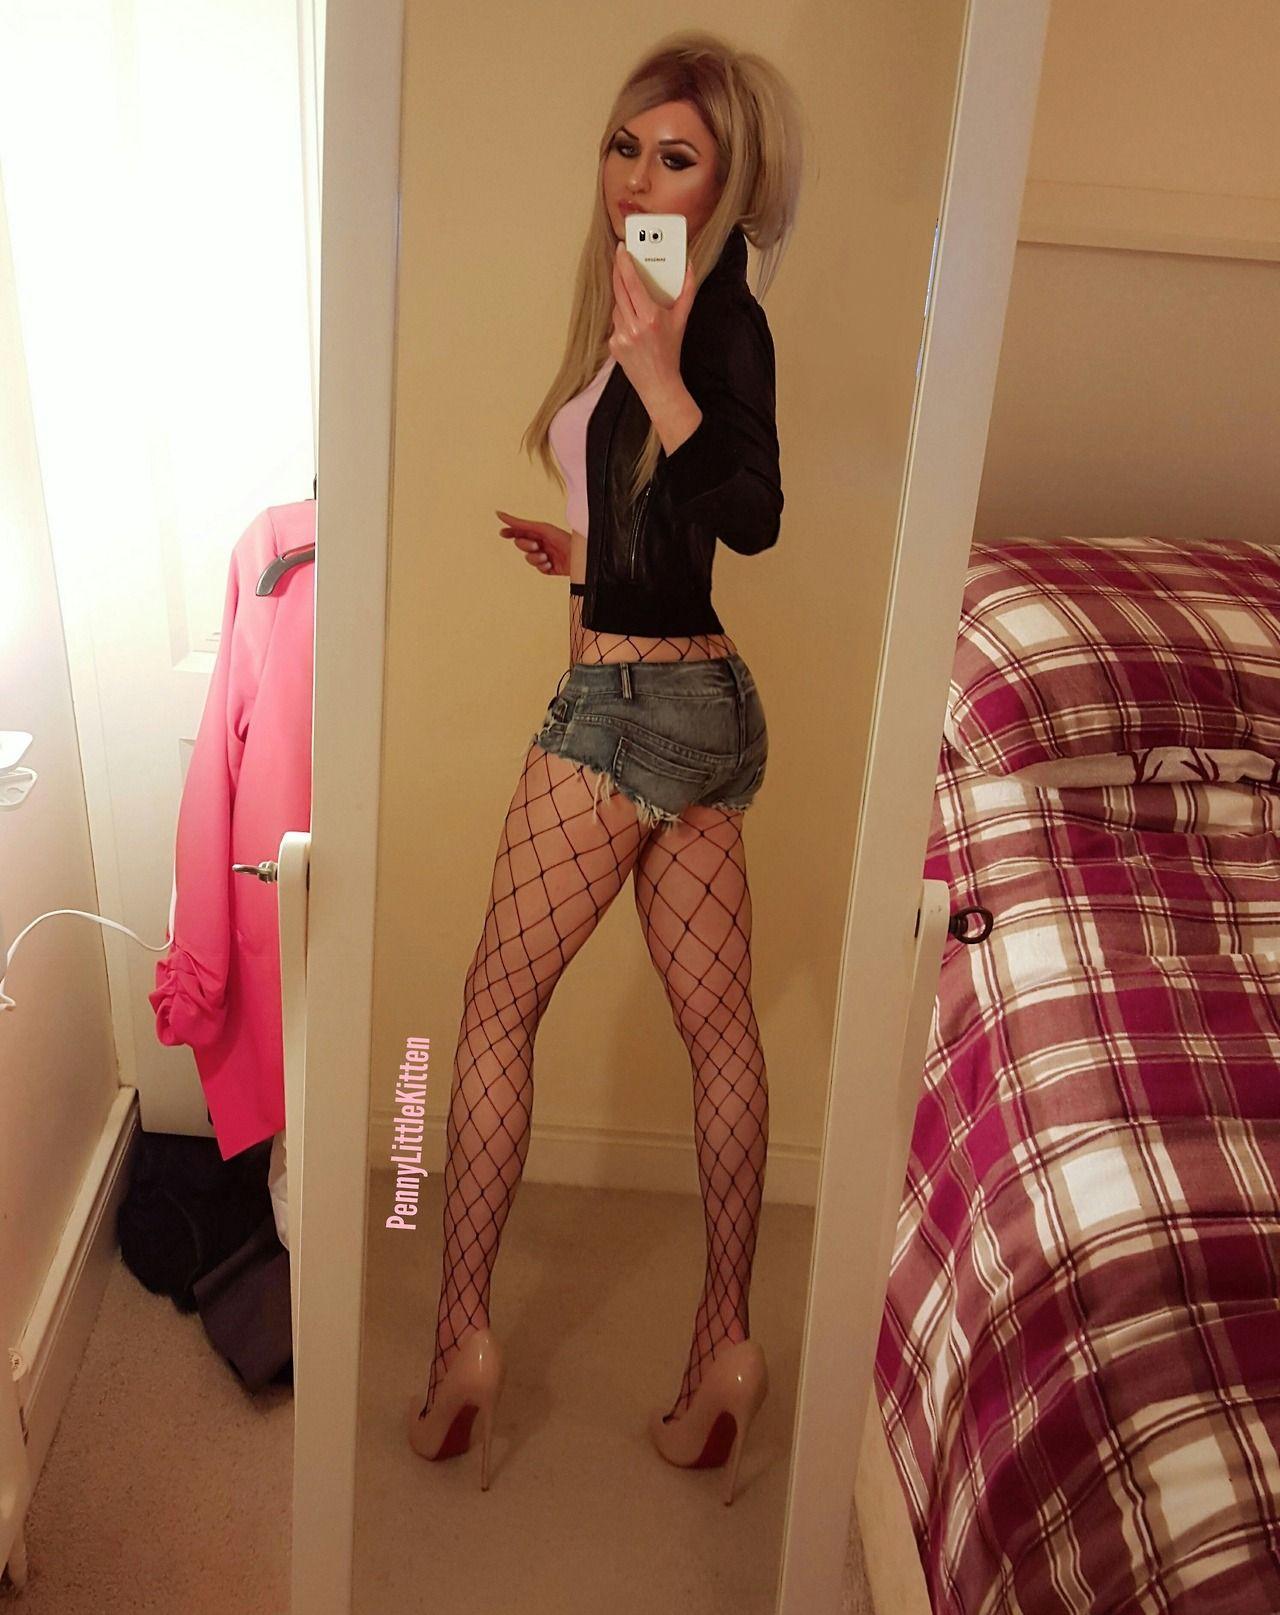 shorts maid cute Amateur